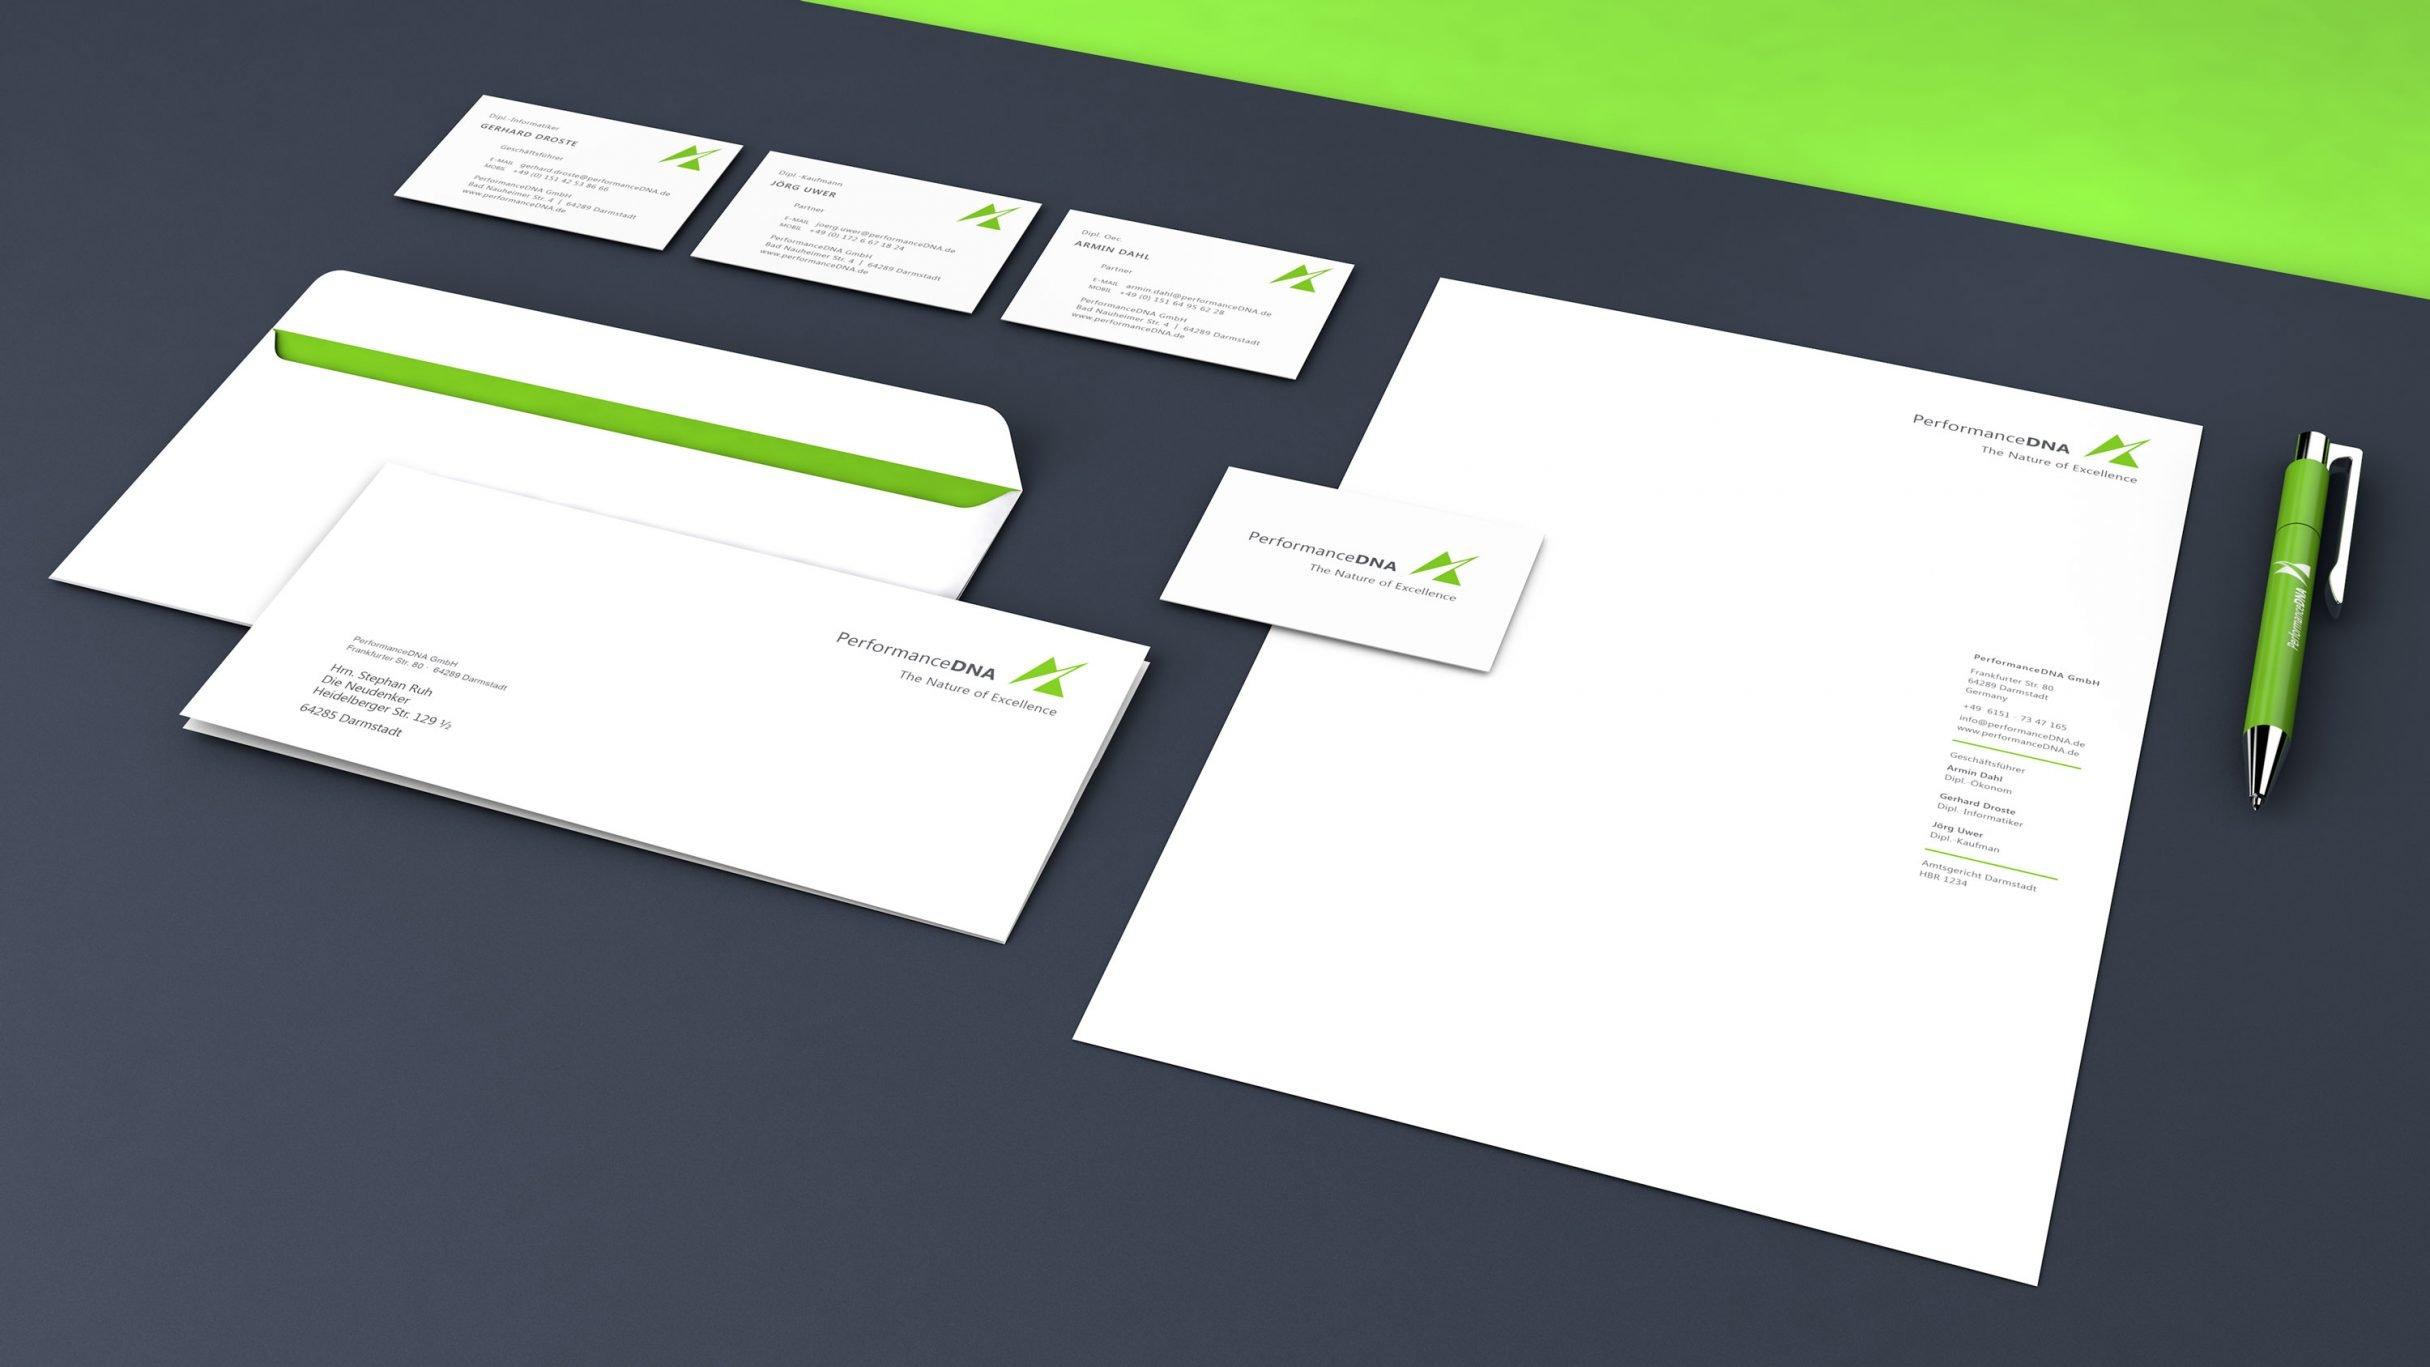 Markenkonzept, Briefpapier, Visitenkarten und Logo für Performance DNA, Start-up: DIE NEUDENKER® Agentur, Darmstadt